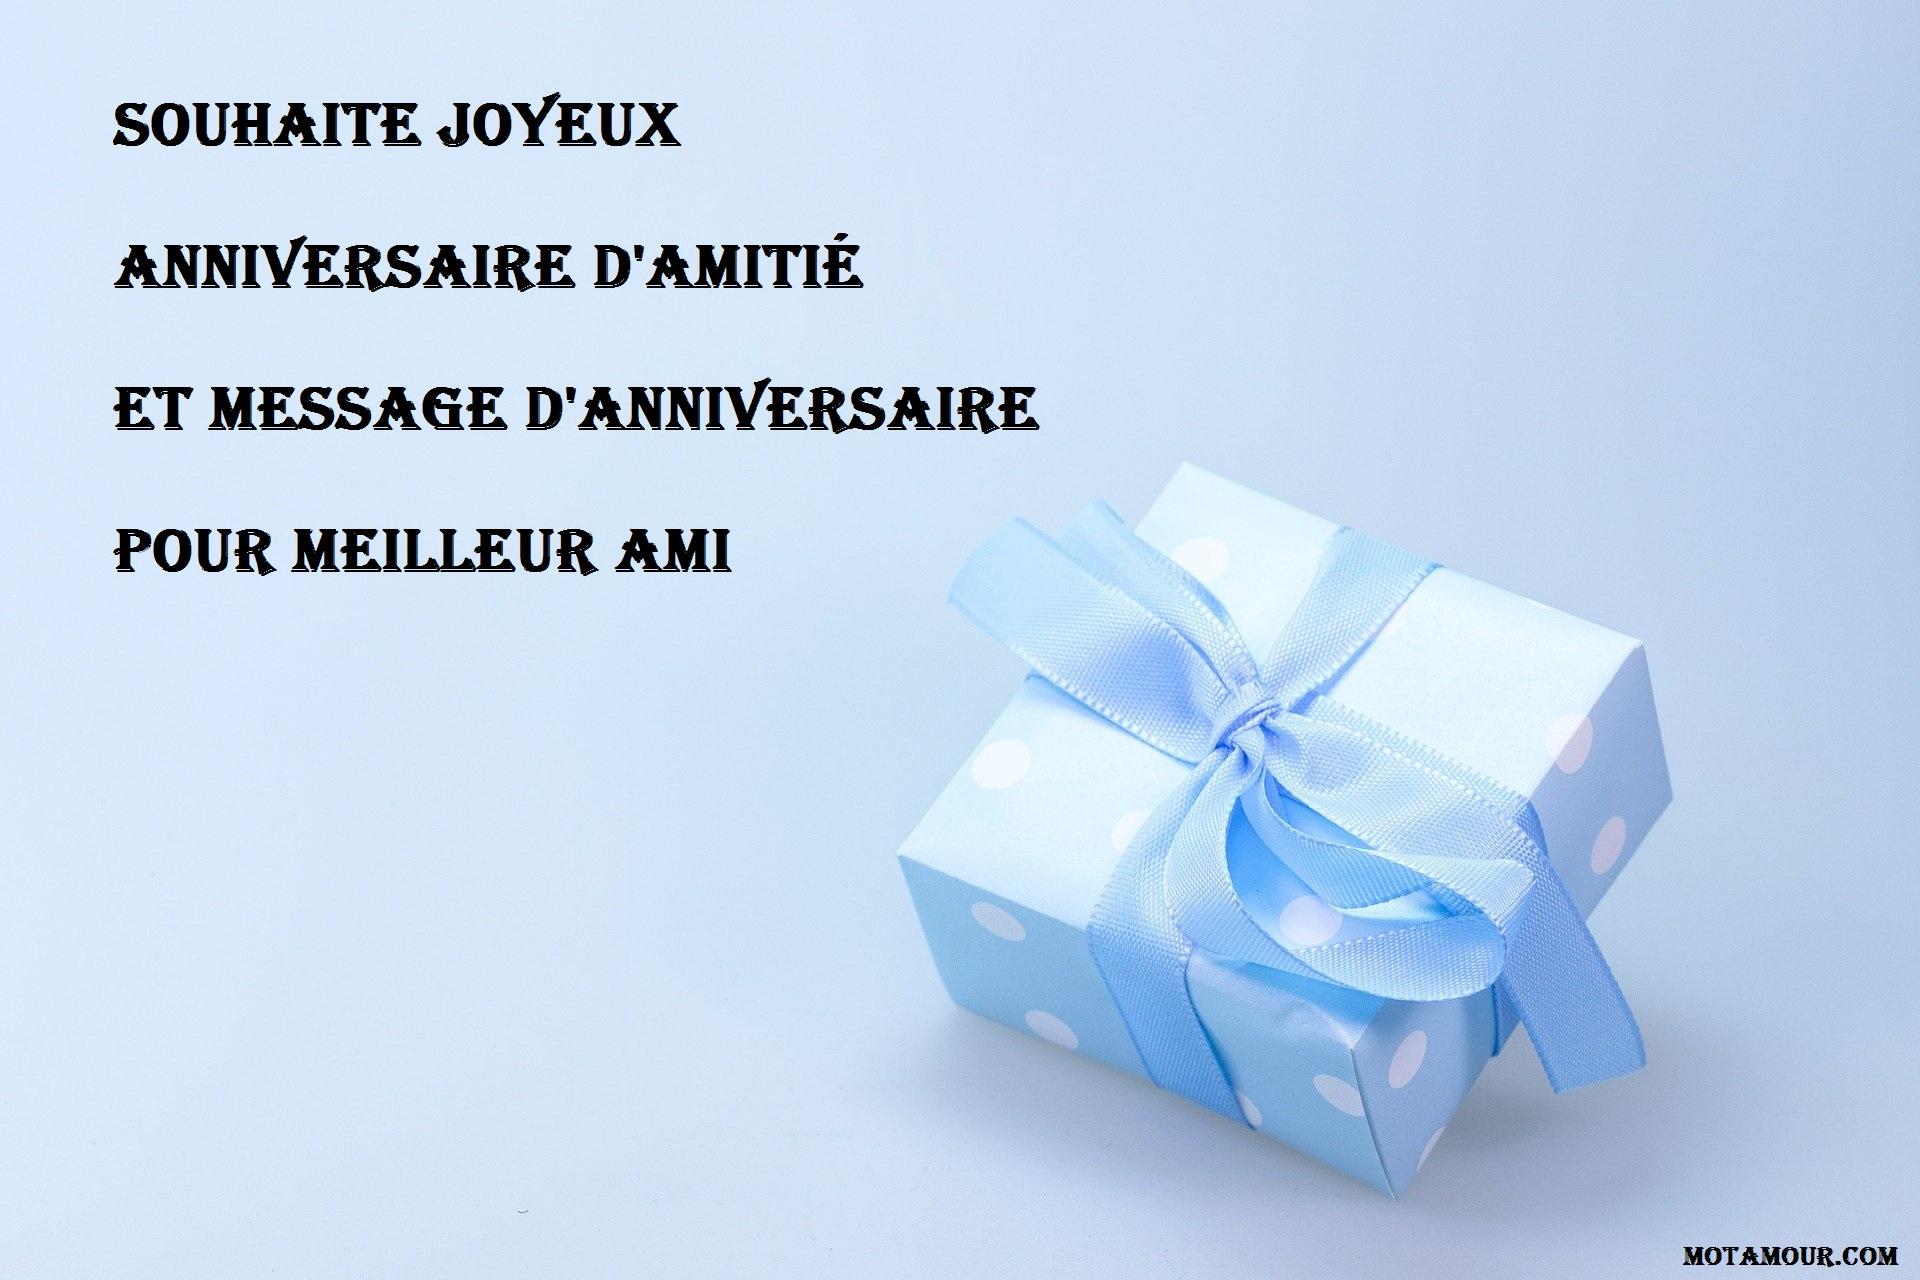 150 Souhaite Joyeux Anniversaire D Amitie Et Message D Anniversaire Pour Meilleur Ami